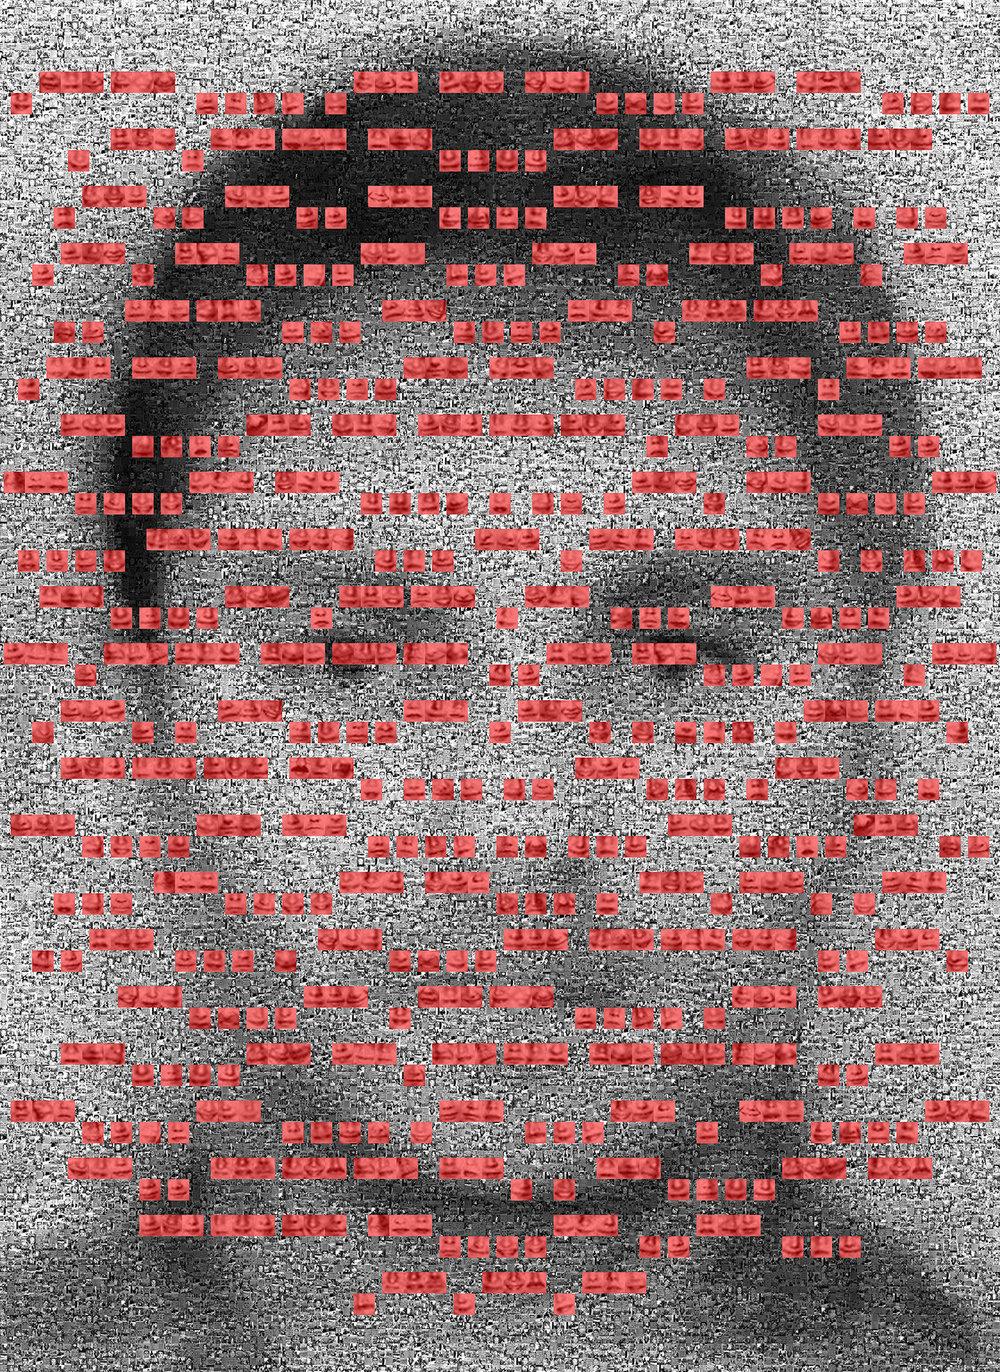 2004.9.1 别斯兰人质事件,2016